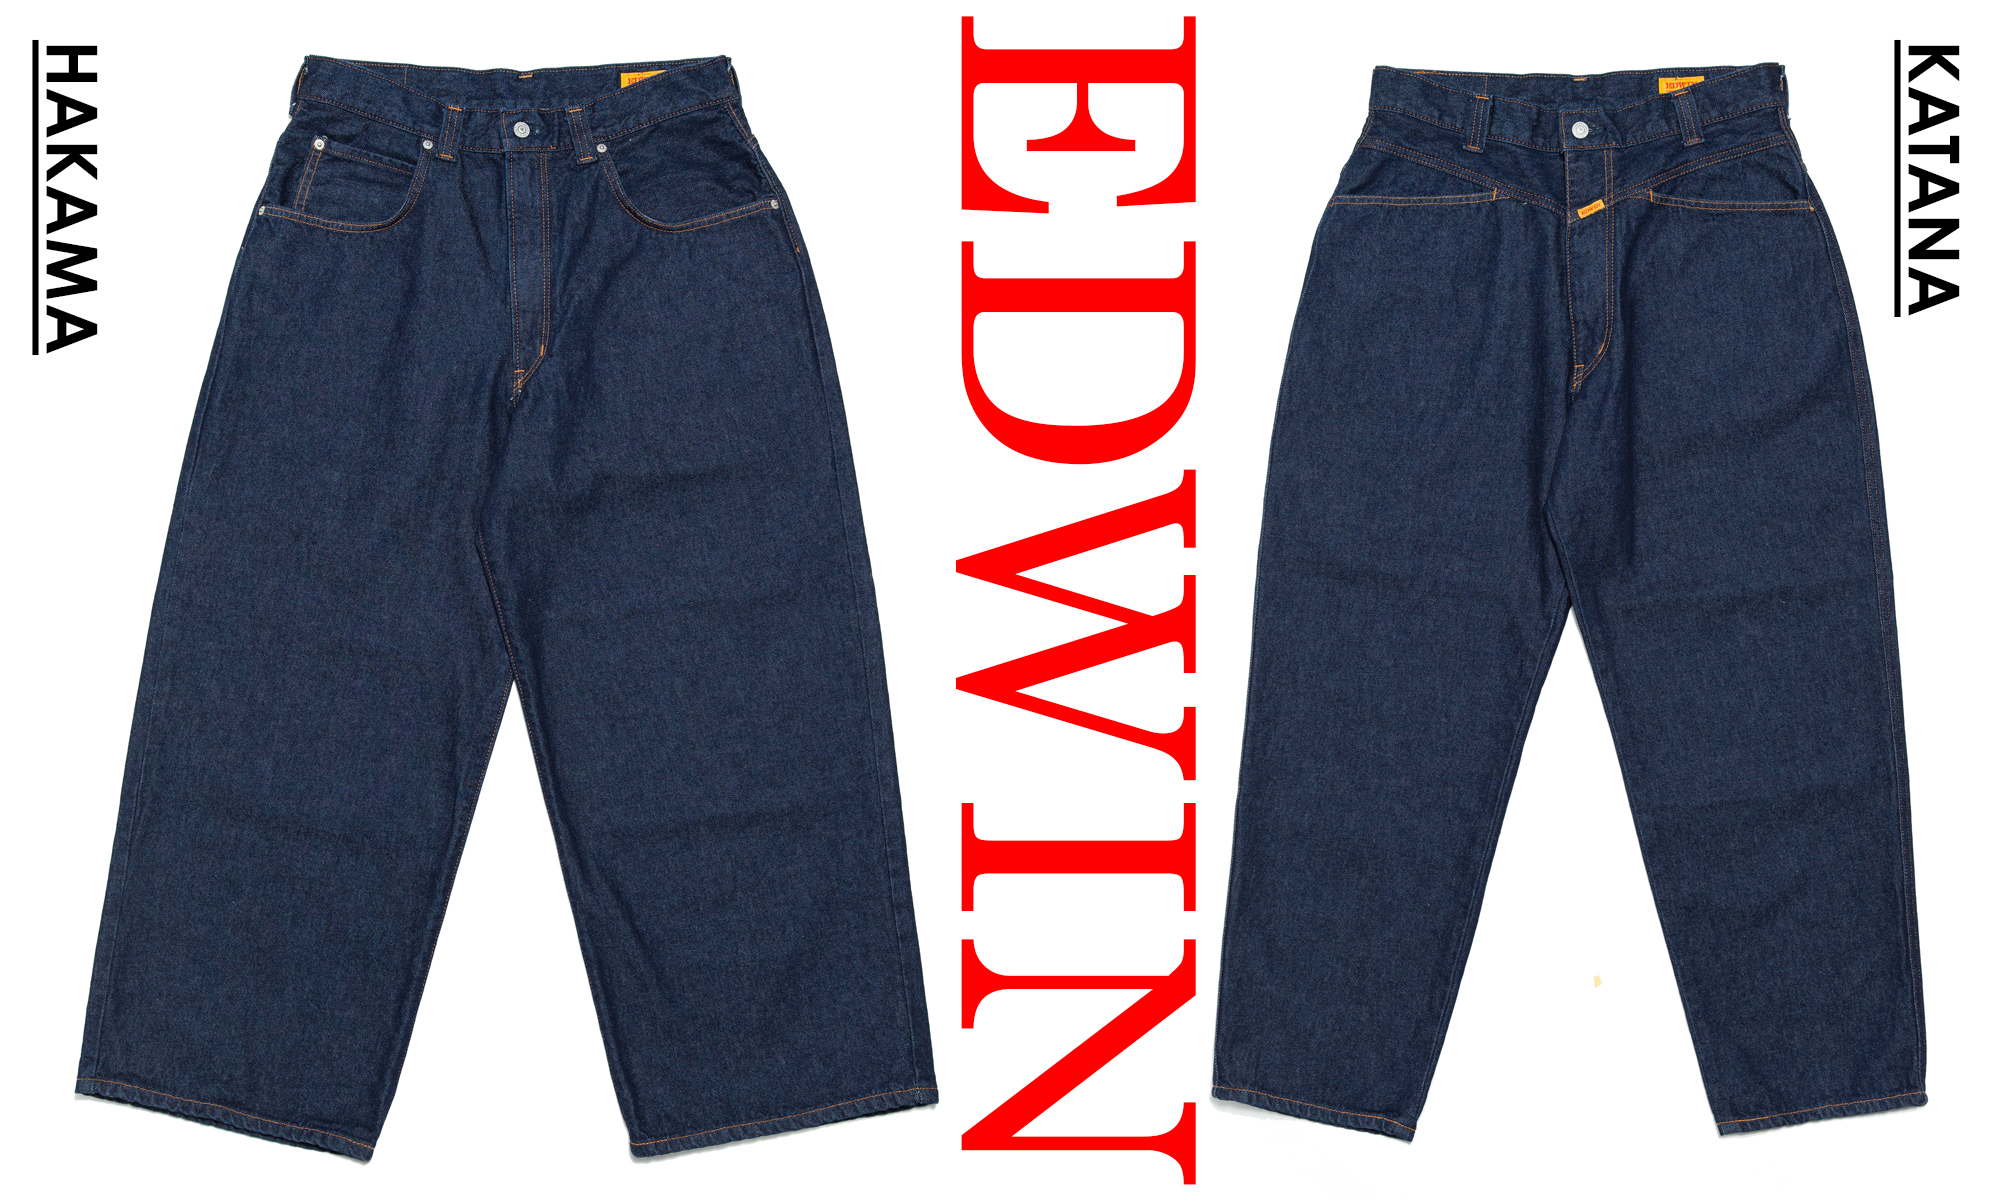 90年代の伝説的デニムパンツを復刻! 「EDWIN」 -KATANA,HAKAMA Denim-